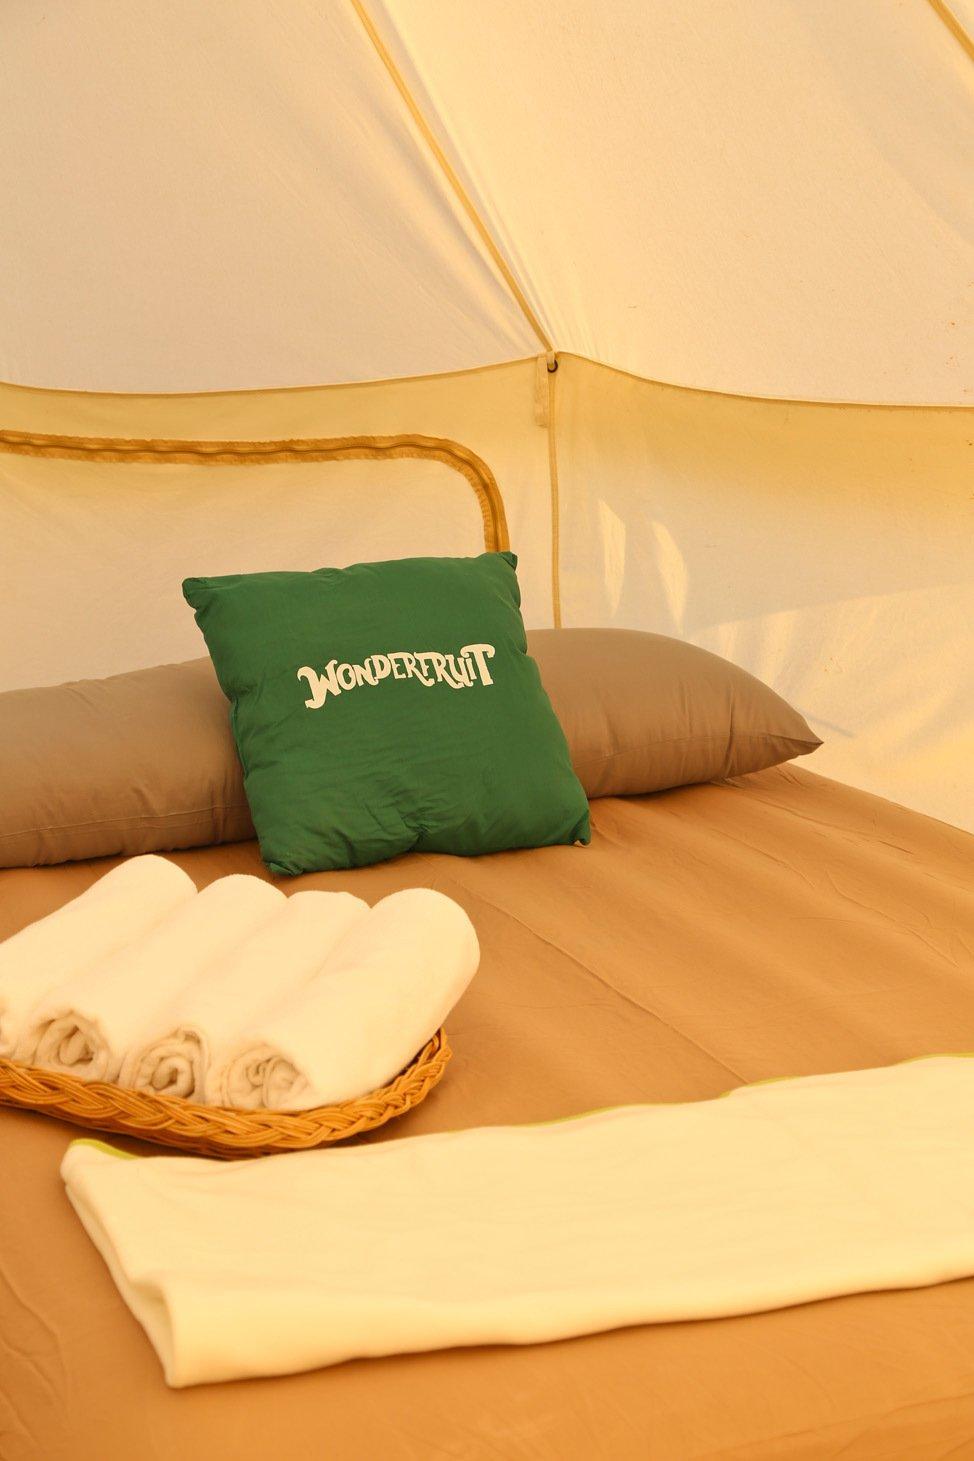 Boutique Camping at Wonderfruit 2017